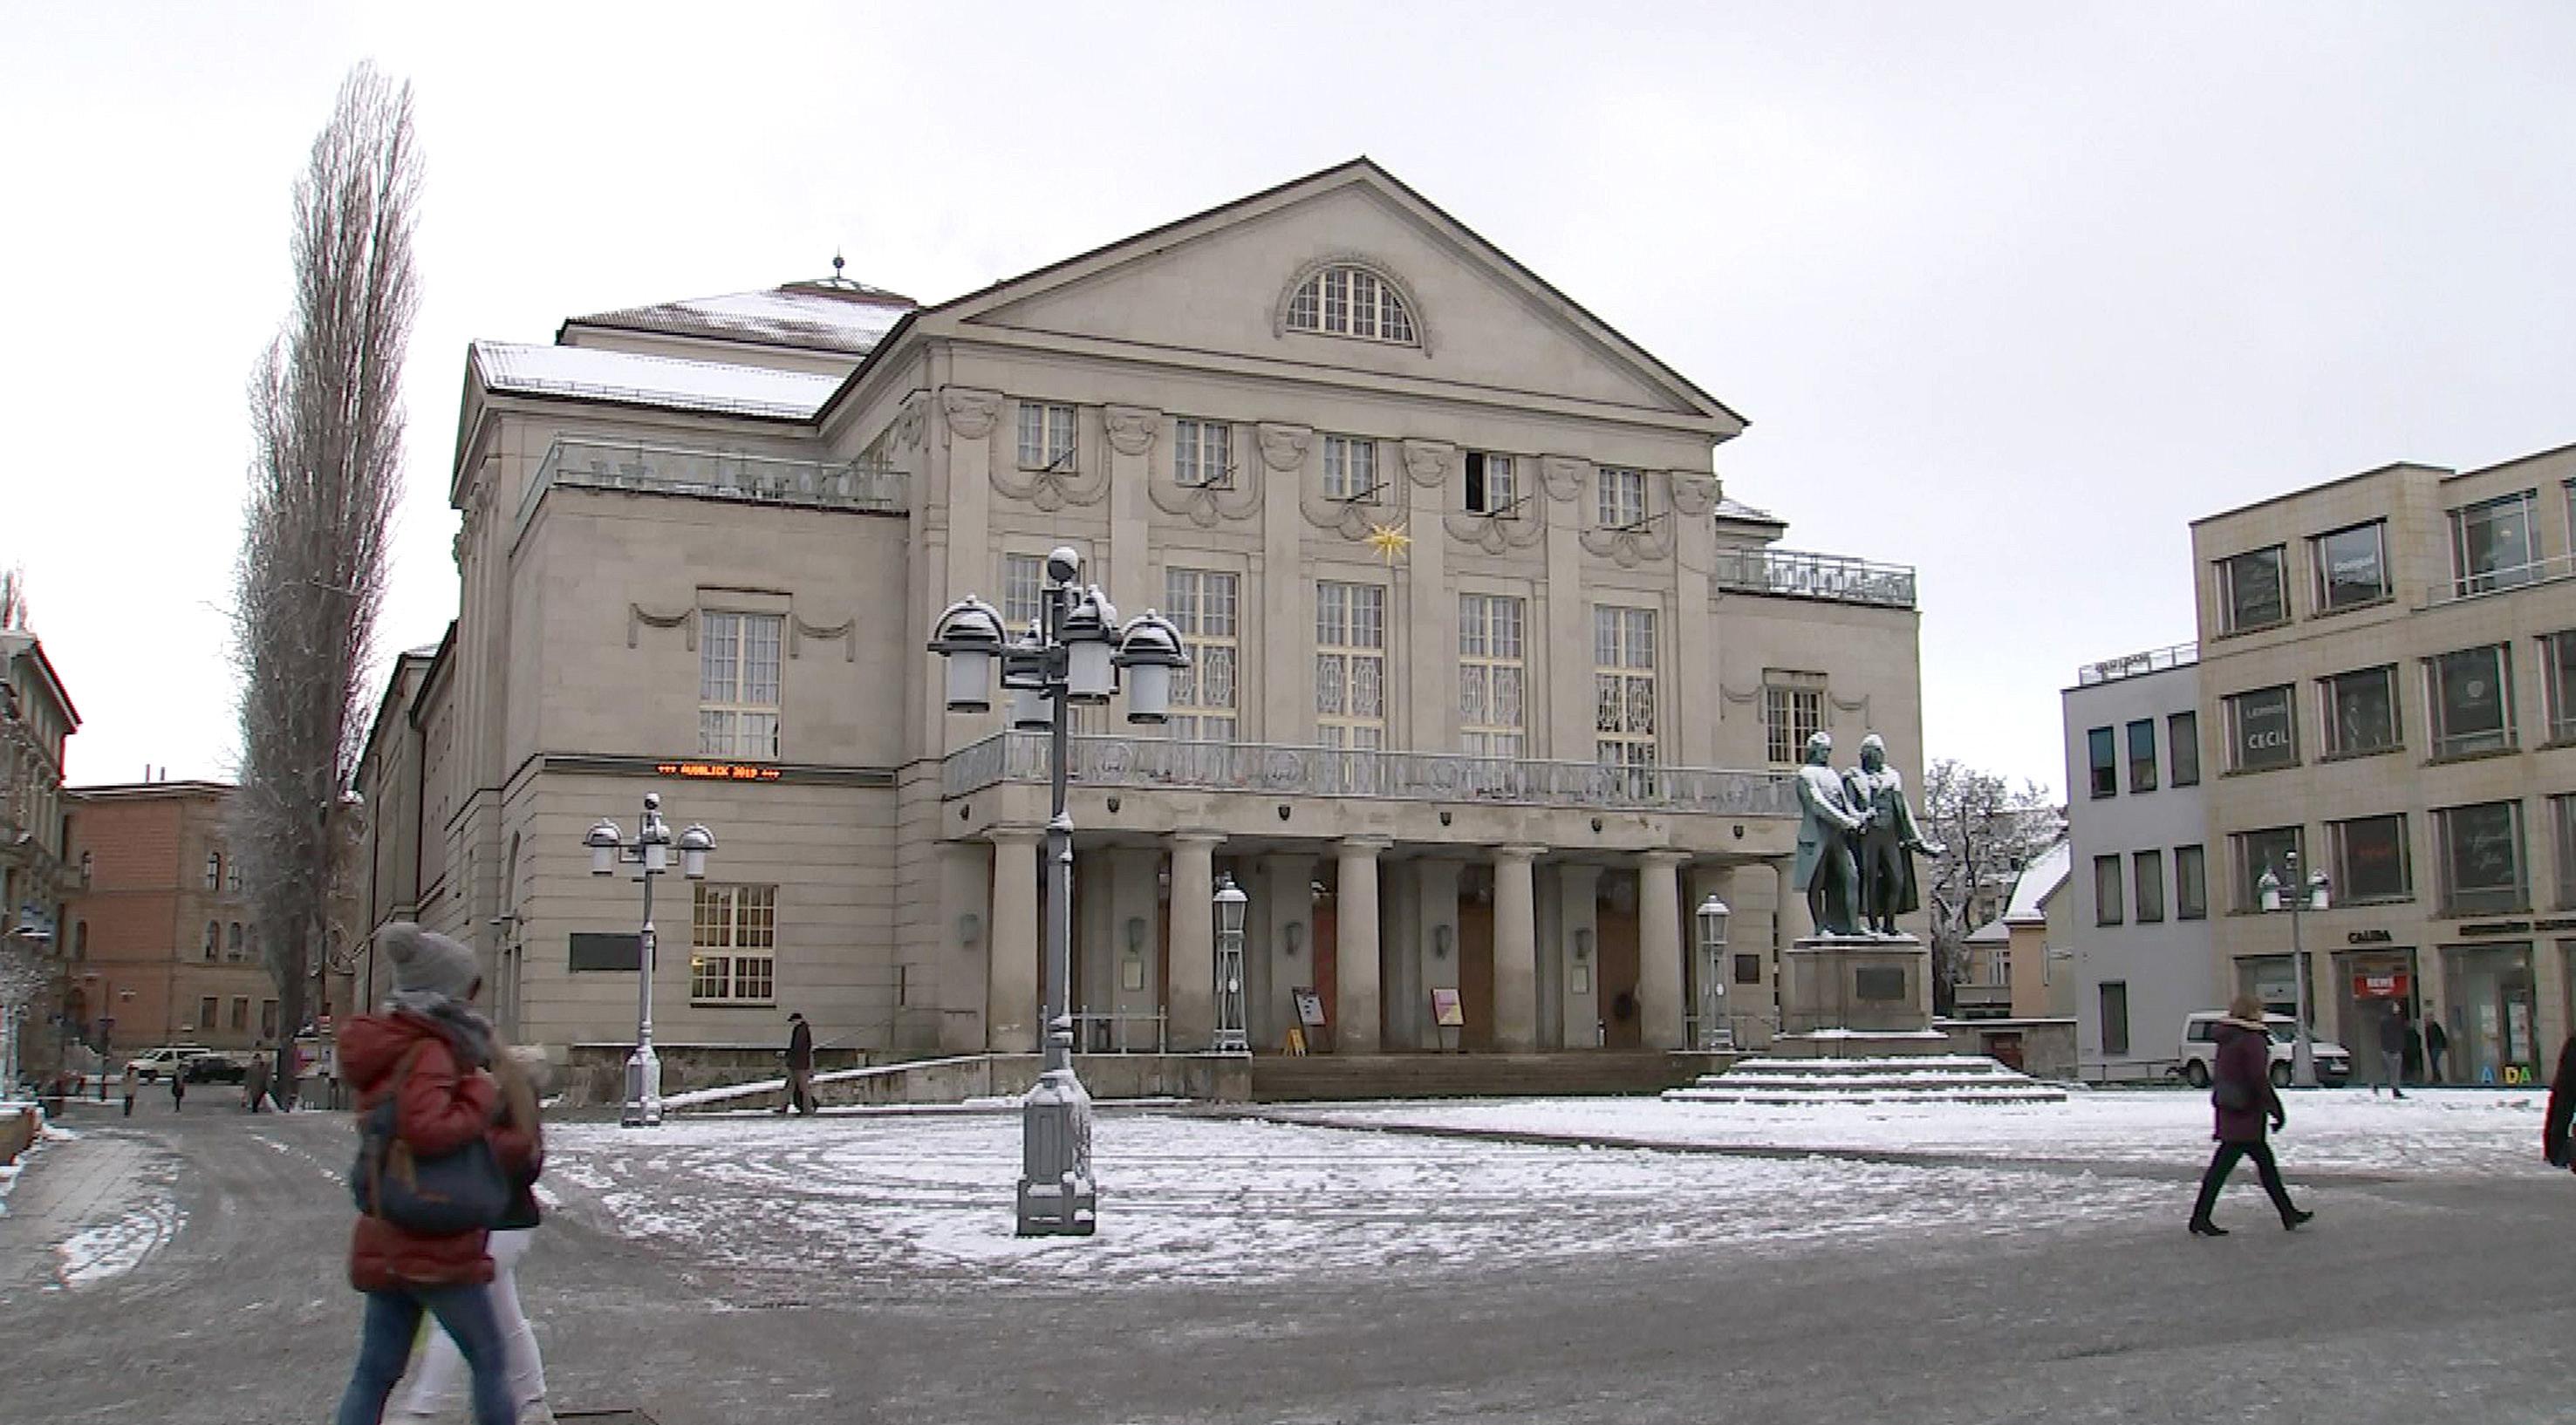 Preis bleibt stabil klassische Schuhe Super Specials ▷ 100 Jahre Weimarer Nationalversammlung: MDR überträgt ...